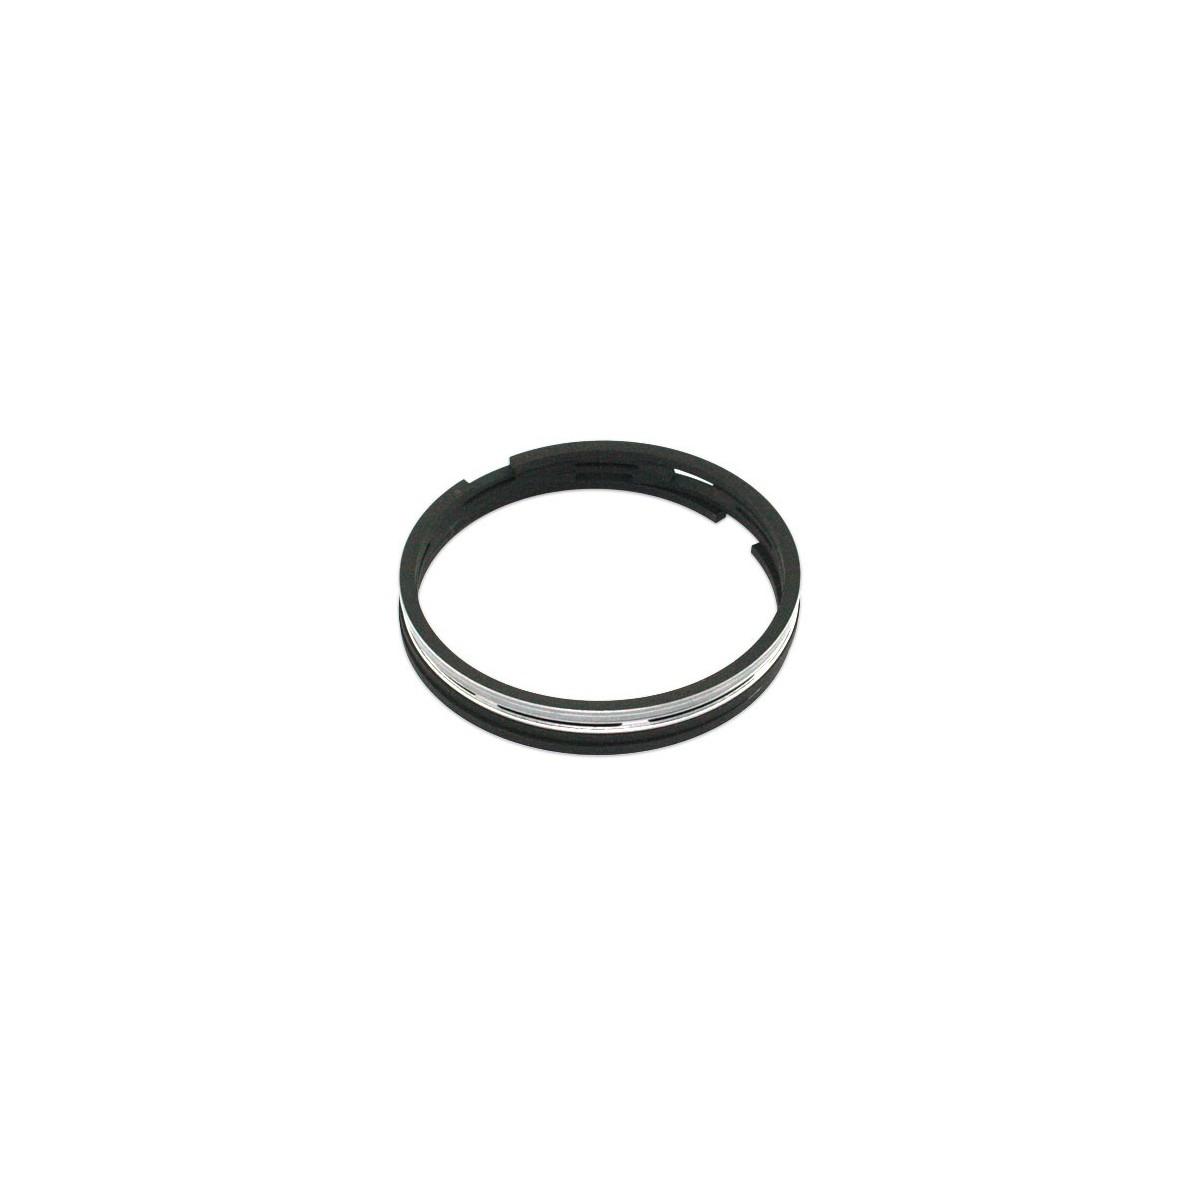 Piston Ring Set 80mm:2.9 x 2.5 x 2.5 x 4 x STD Shibuara SD1540